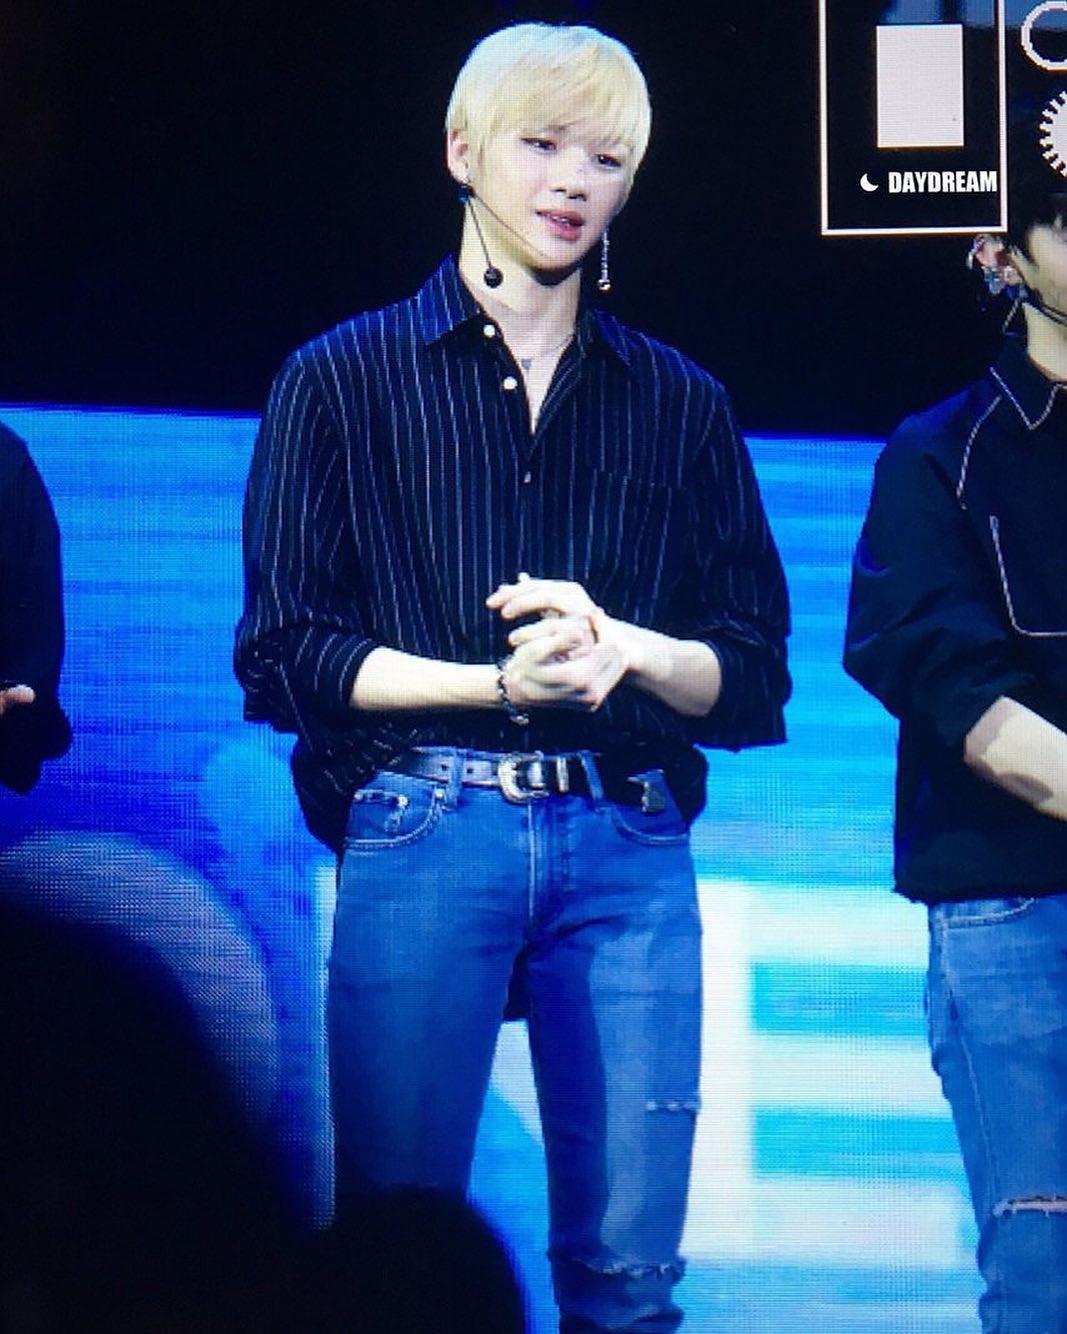 Tóc bỗng dựng ngược trên sân khấu, center quốc dân Kang Daniel thành nguồn cảm hứng chế ảnh bất tận - Ảnh 15.